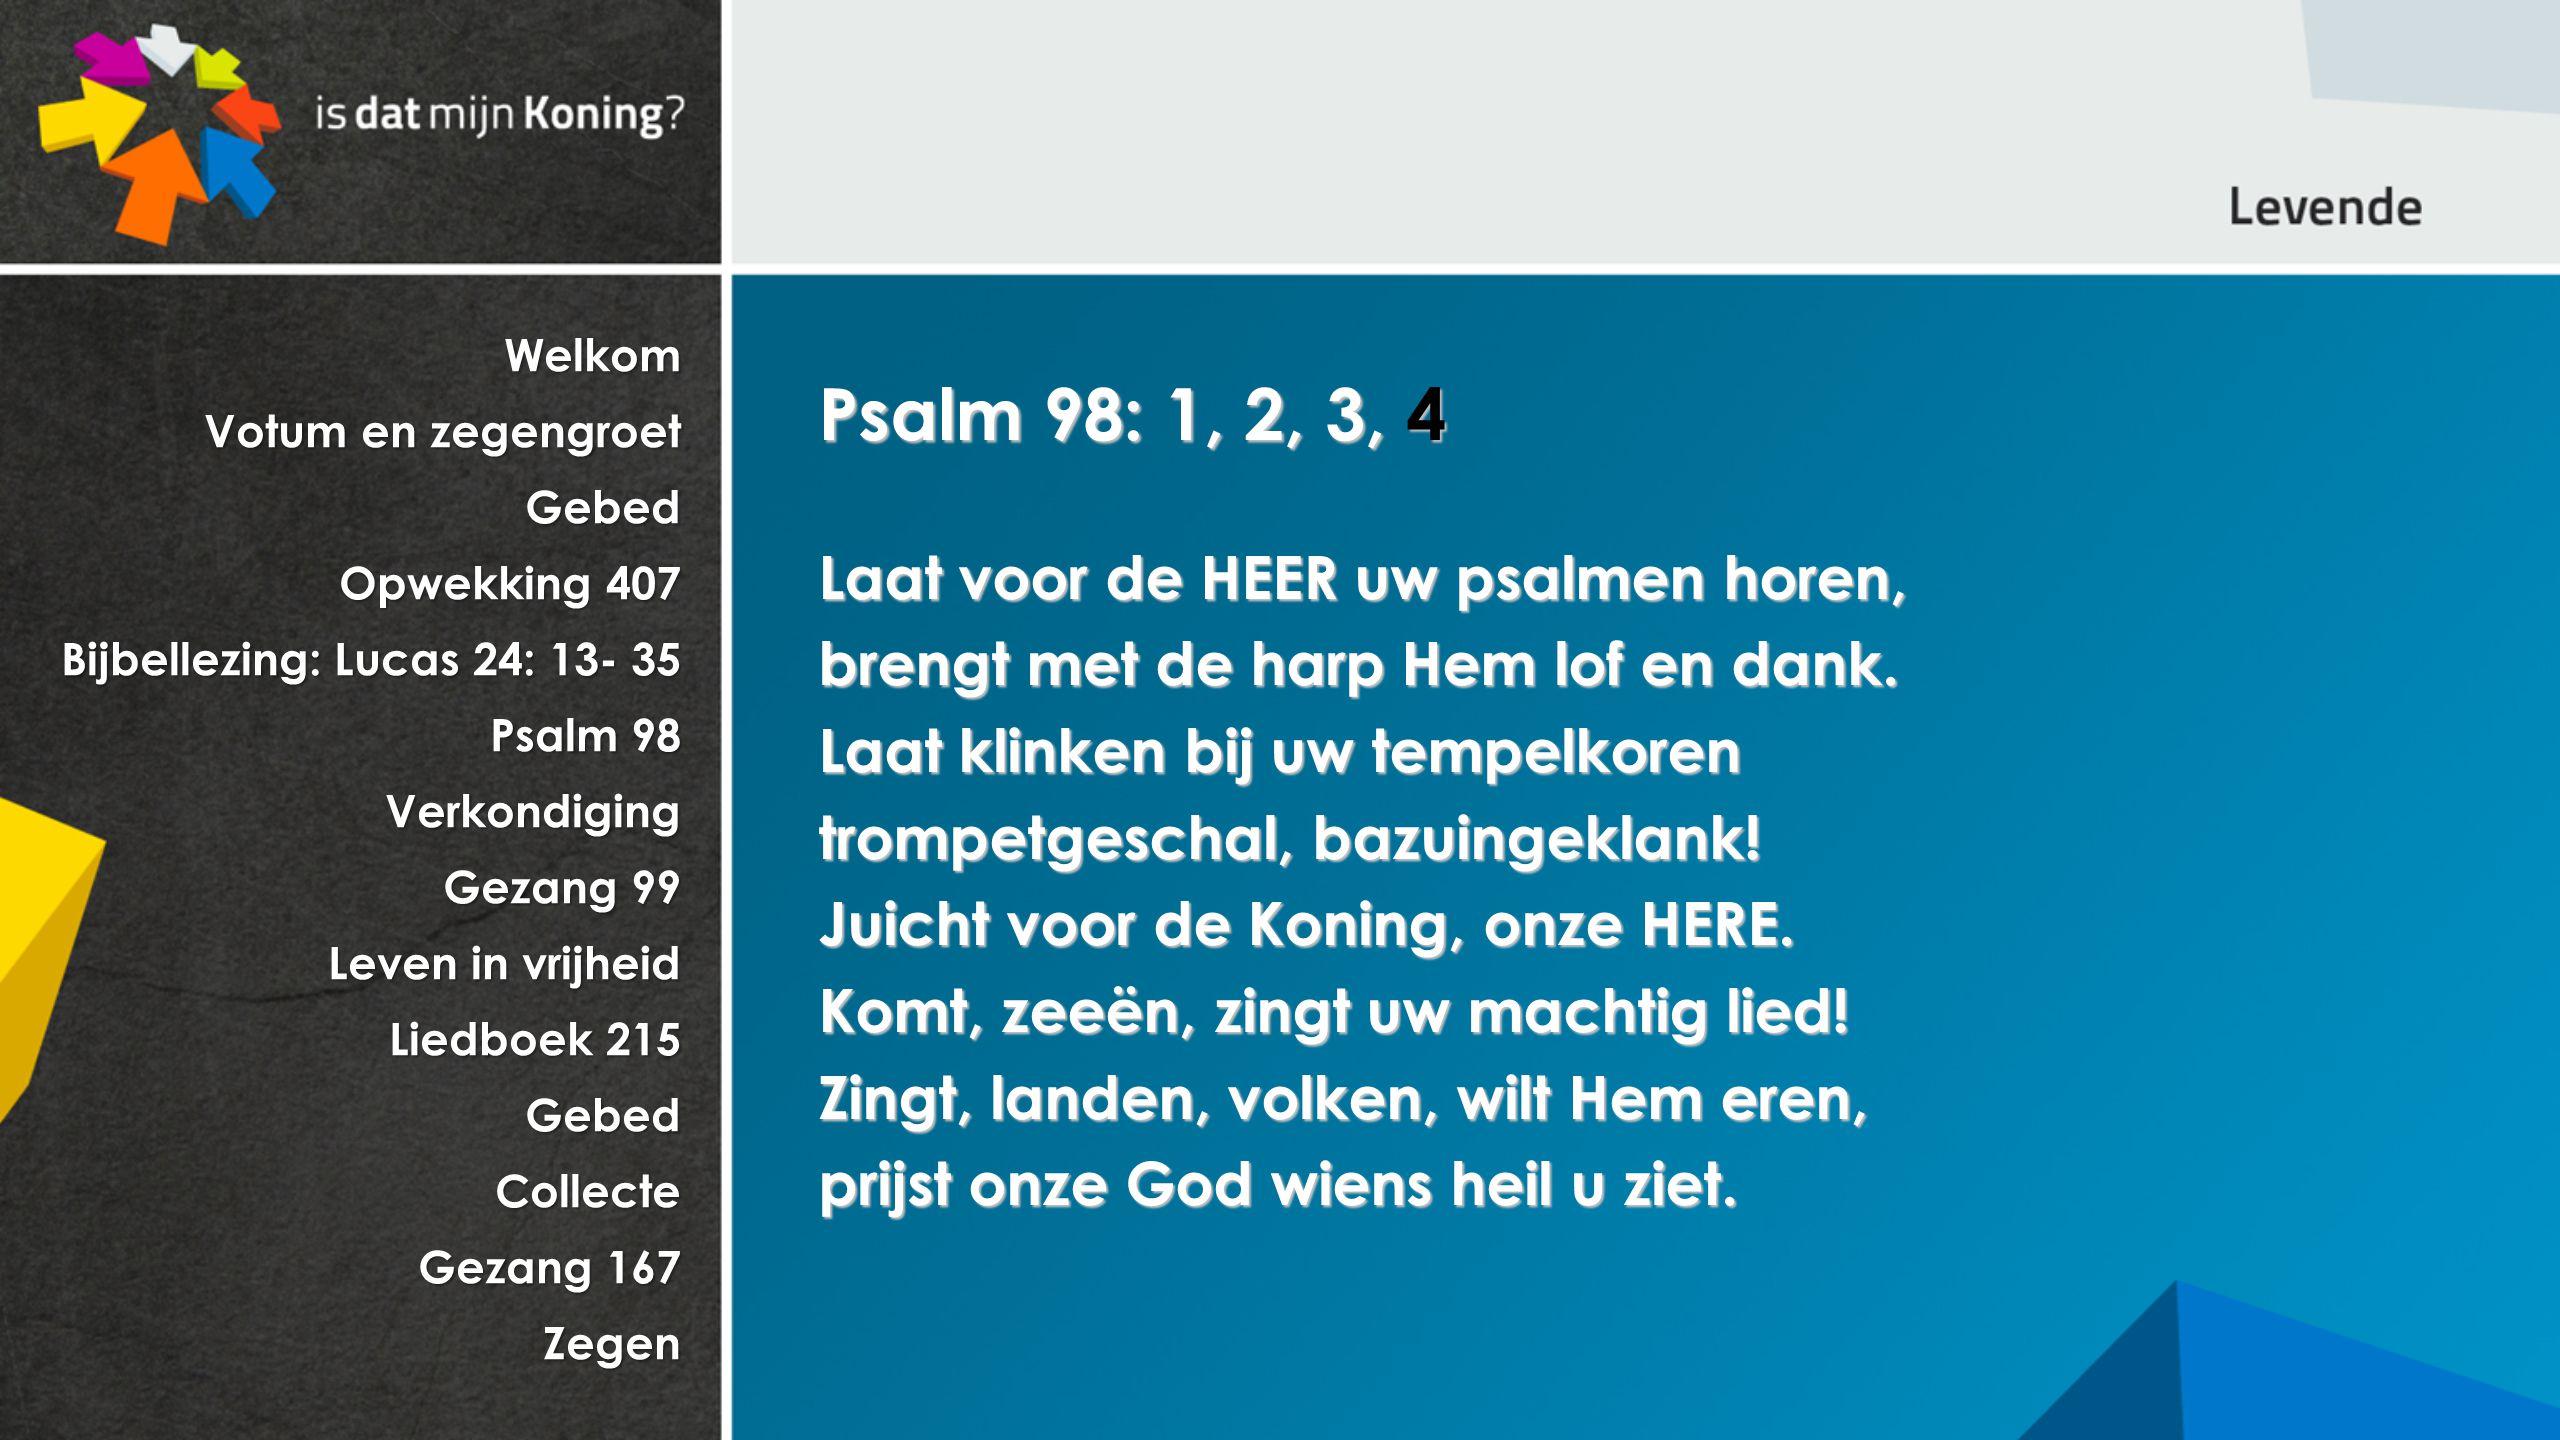 Welkom Votum en zegengroet Gebed Opwekking 407 Bijbellezing: Lucas 24: 13- 35 Psalm 98 Verkondiging Gezang 99 Leven in vrijheid Liedboek 215 GebedCollecte Gezang 167 Zegen Psalm 98: 1, 2, 3, 4 Laat voor de HEER uw psalmen horen, brengt met de harp Hem lof en dank.